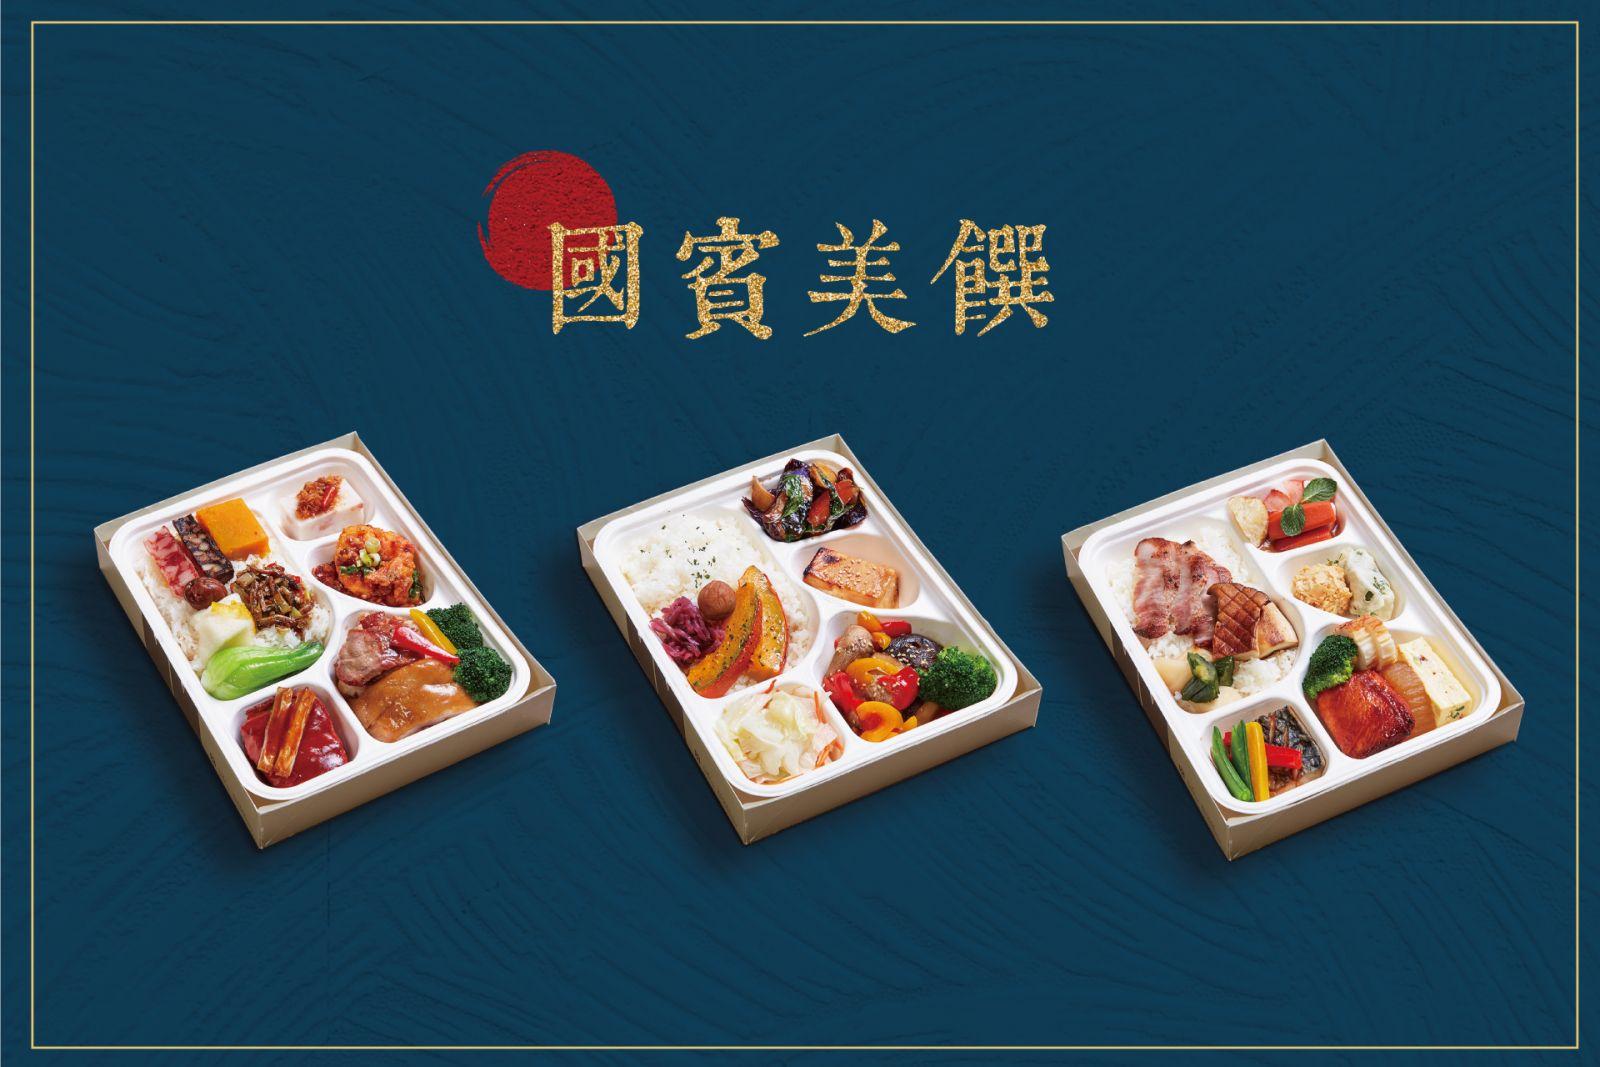 【外賣餐盒】國賓美饌